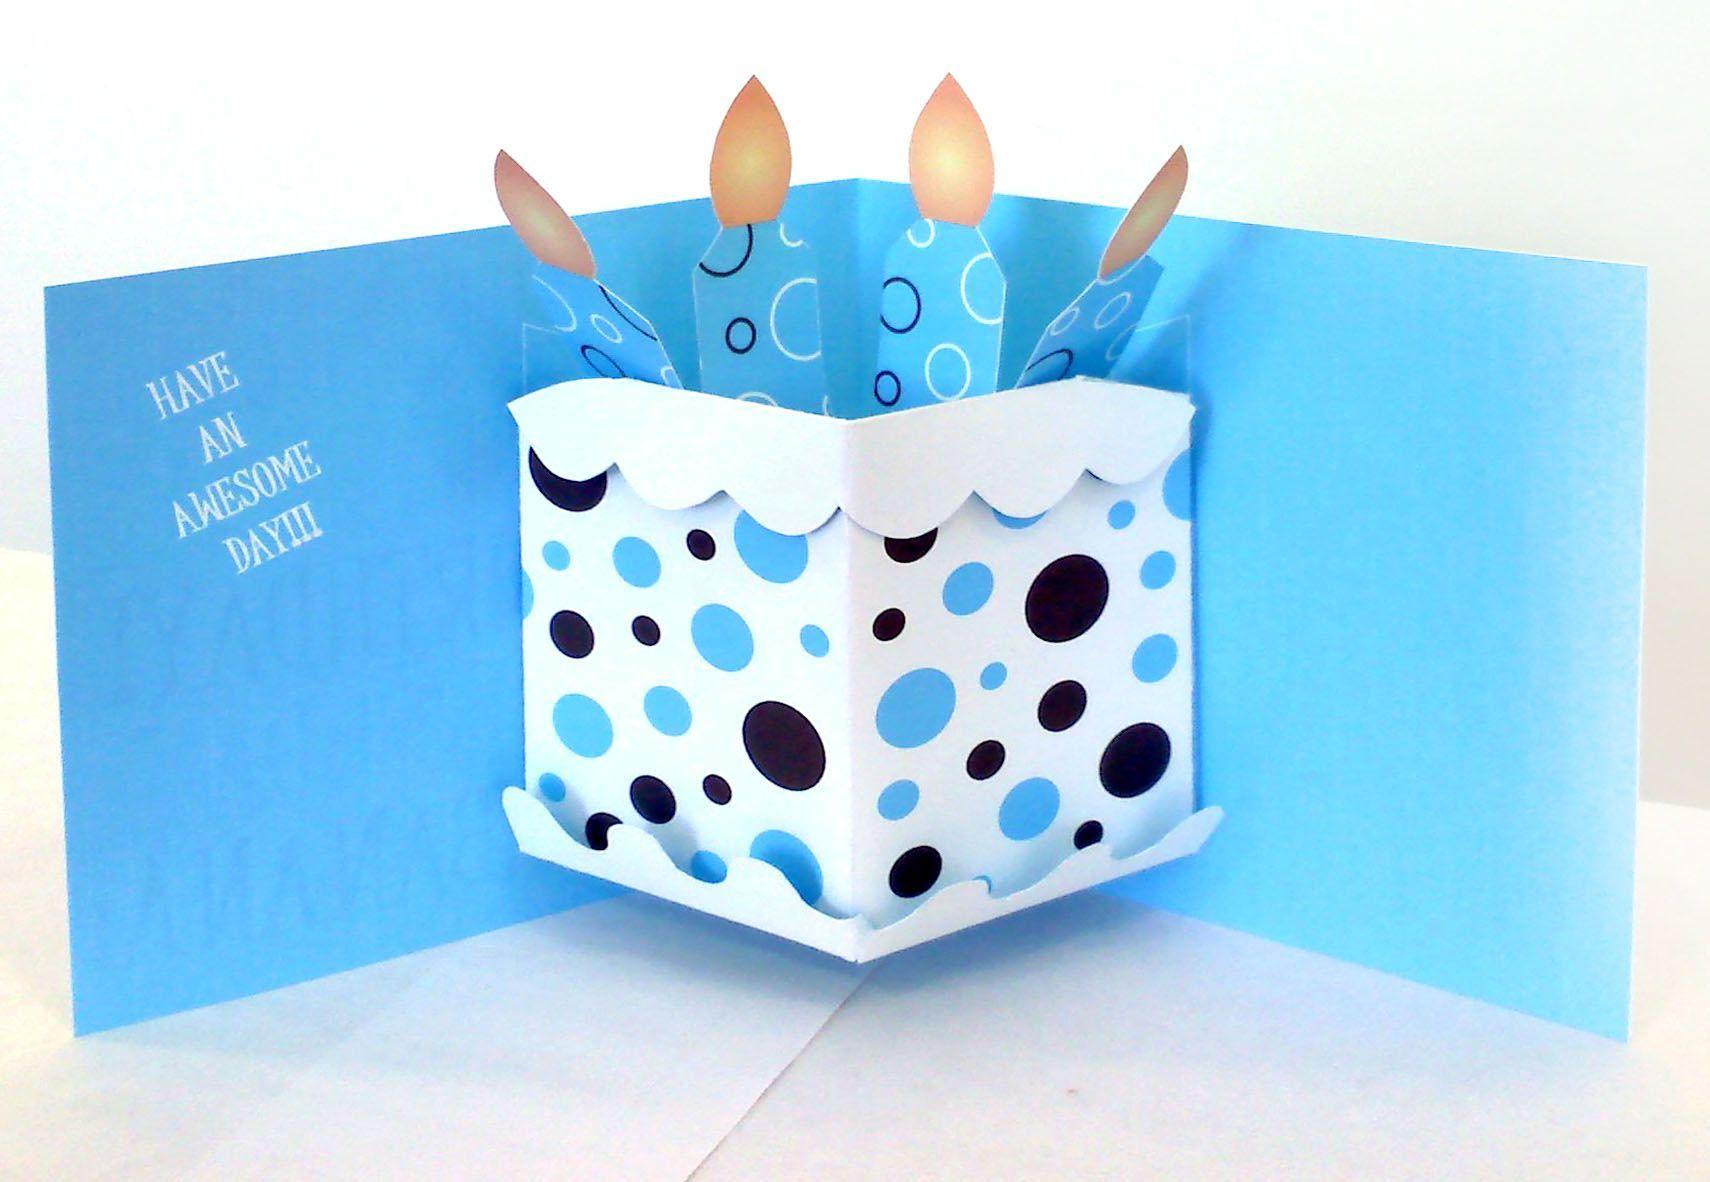 Объемные открытки своими руками с цветами внутри, 3д открытки из бумаги на день рождения и другие праздники ( 91 фото + 3 видео )